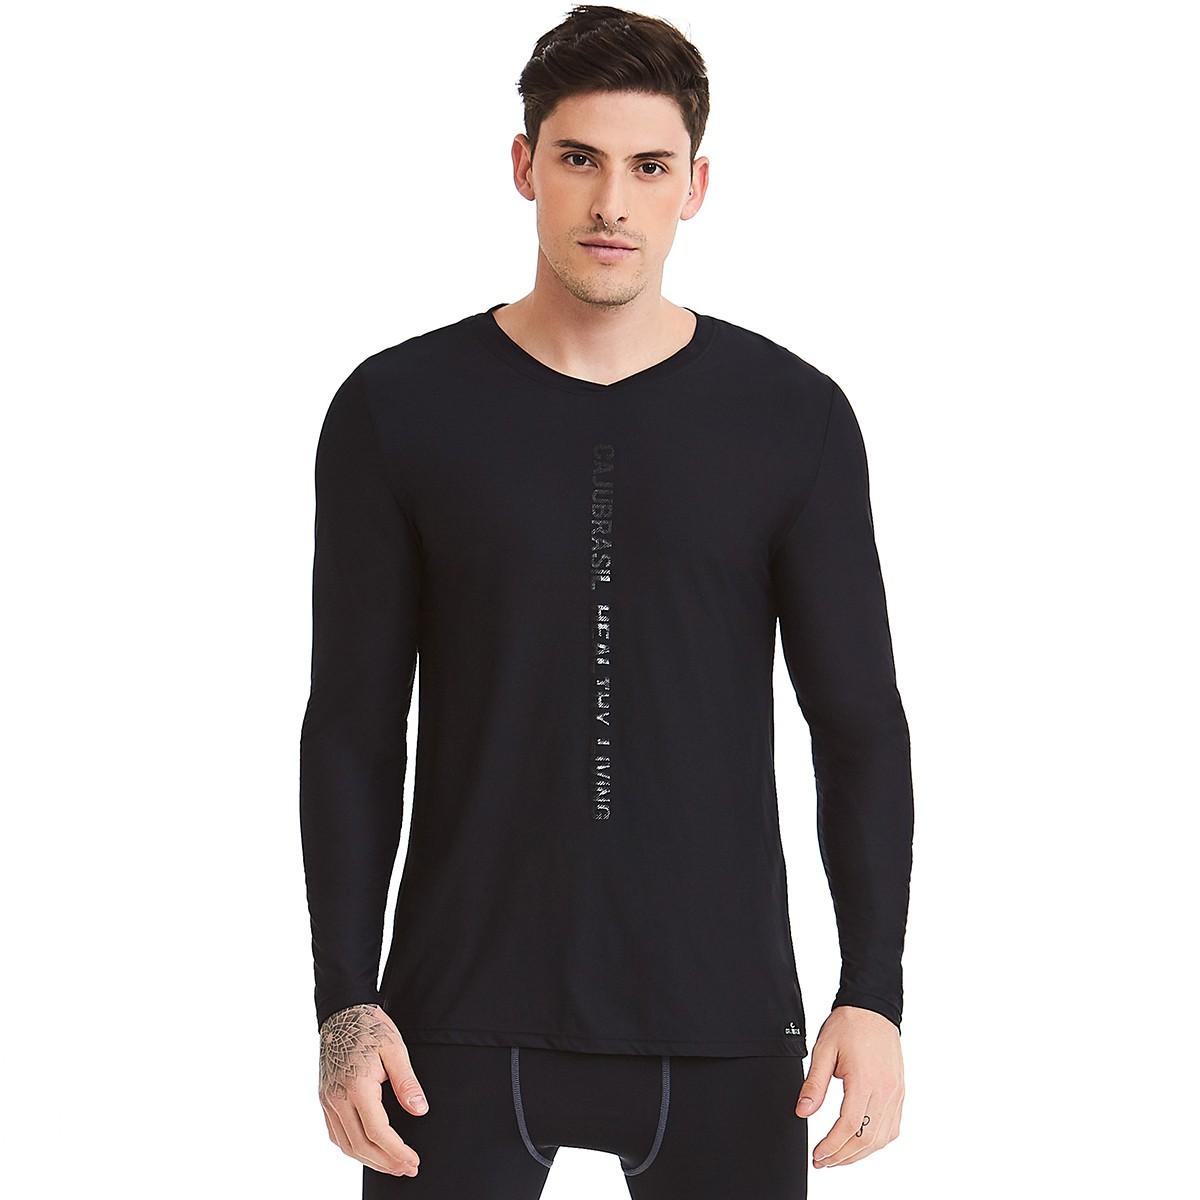 Camiseta Masculina Manga Longa Preto CAJUBRASIL Activewear a39c384cced77